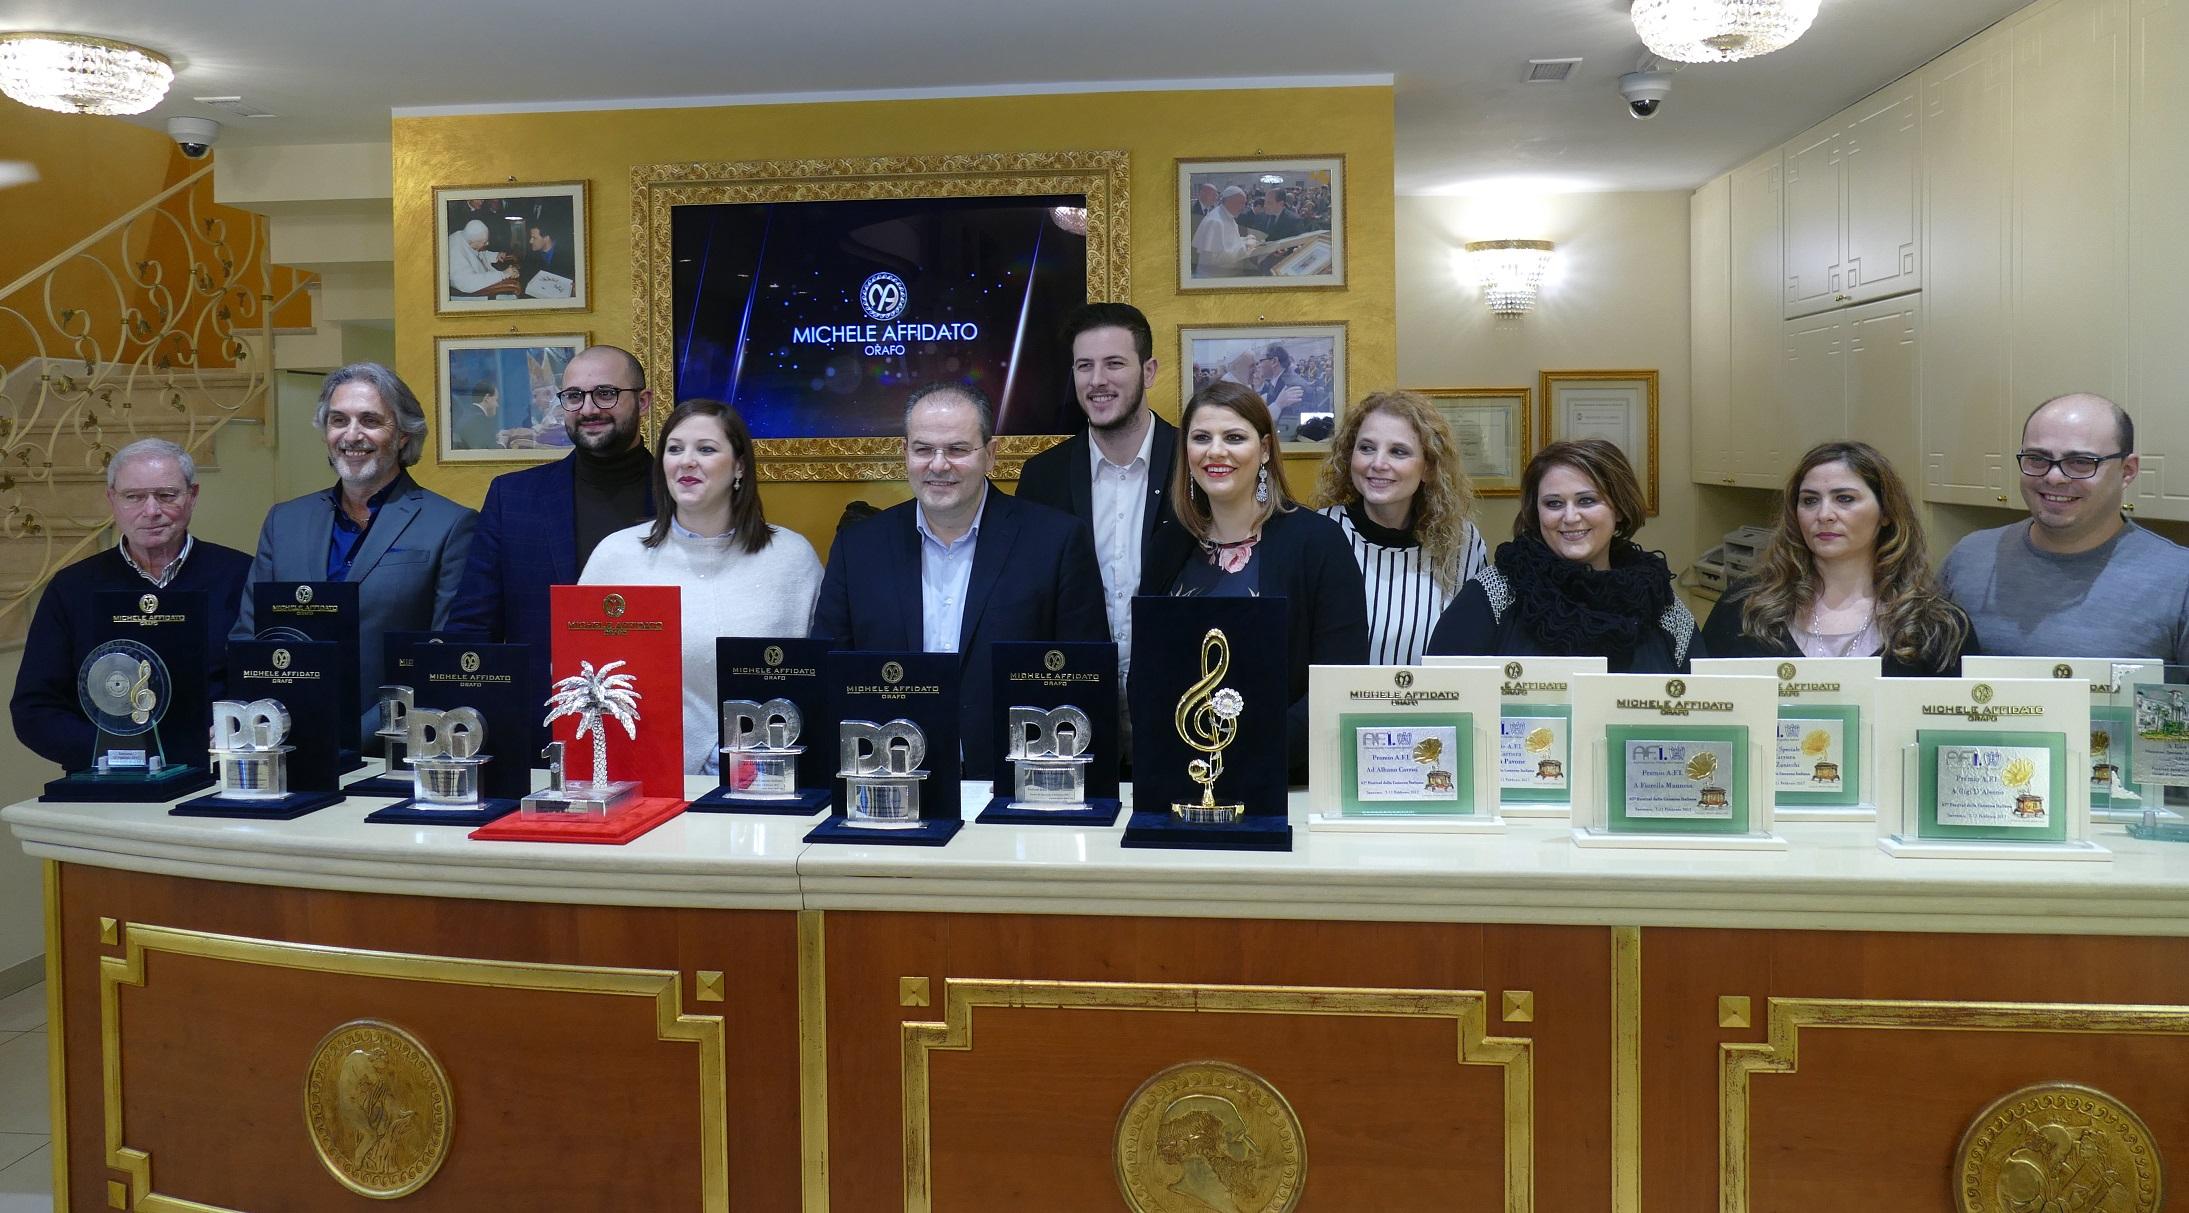 Le opere del maestro orafo Michele Affidatoper i riconoscimenti al Festival di Sanremo